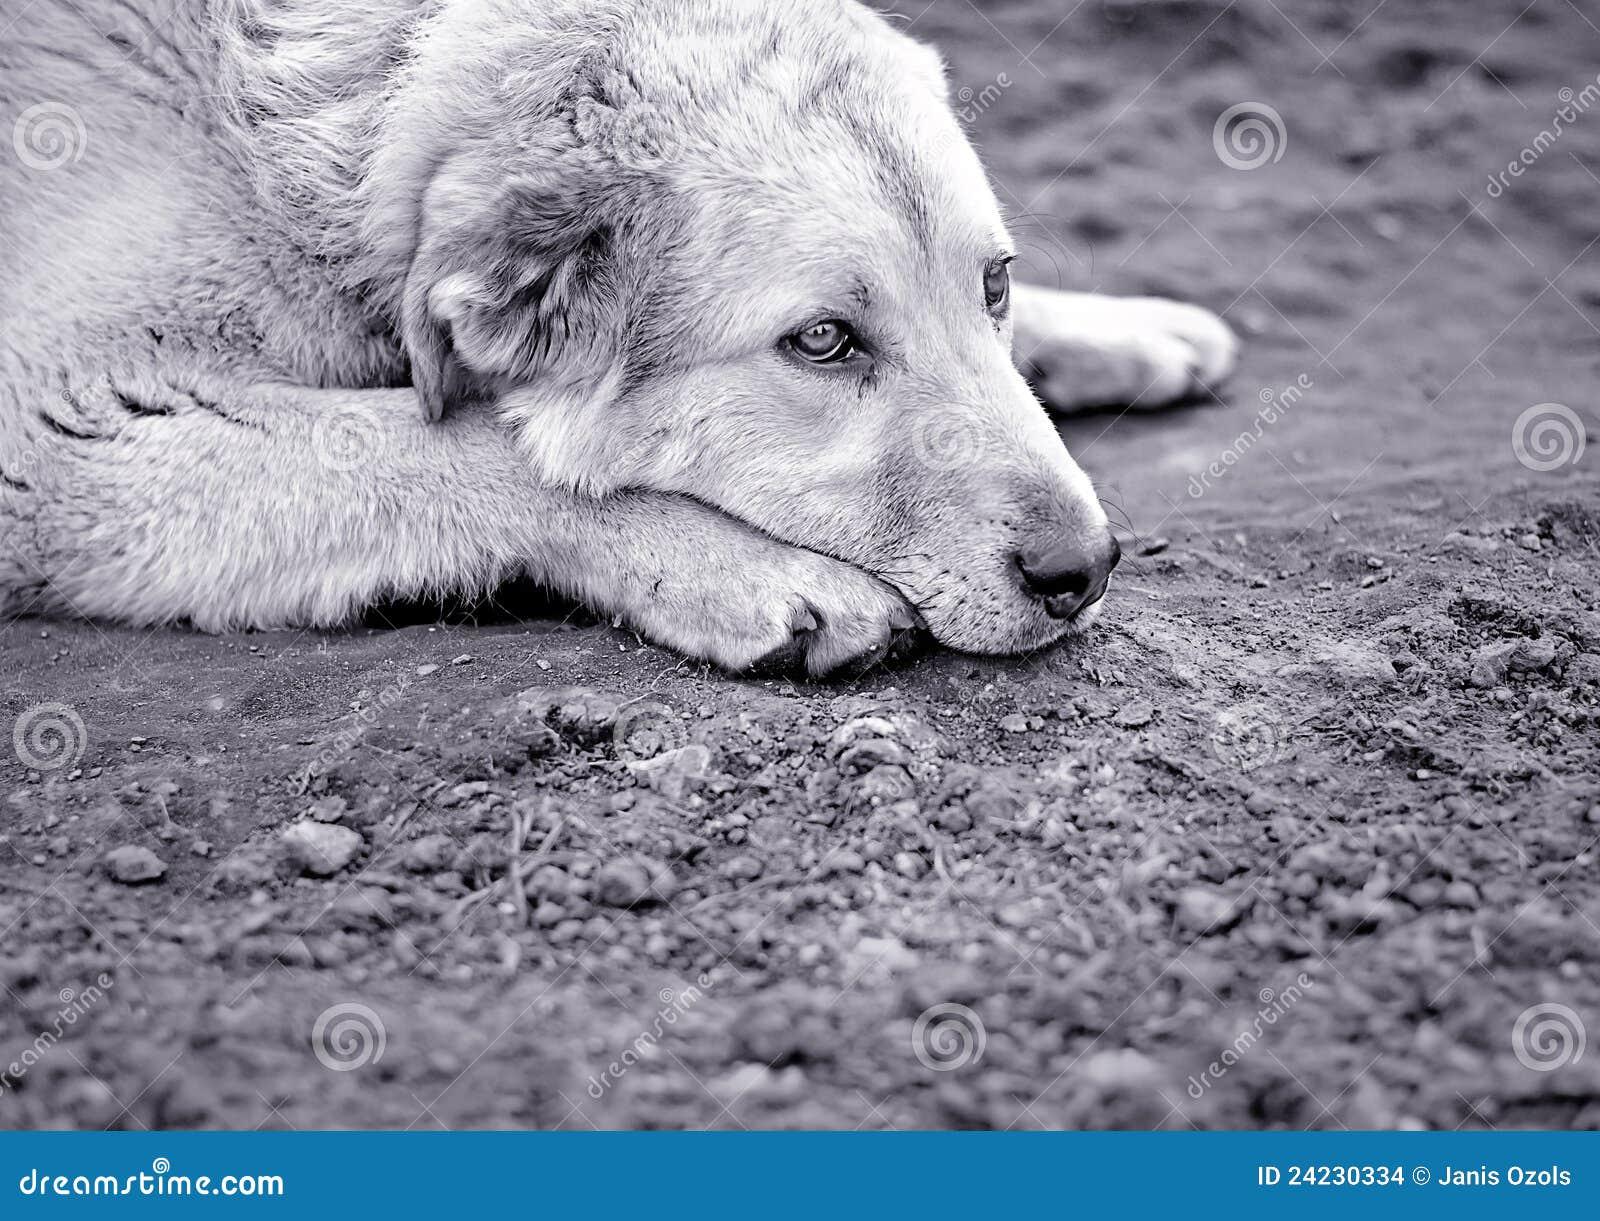 Sad Dog Stock Photo Image Of Abandoned Head Kennel